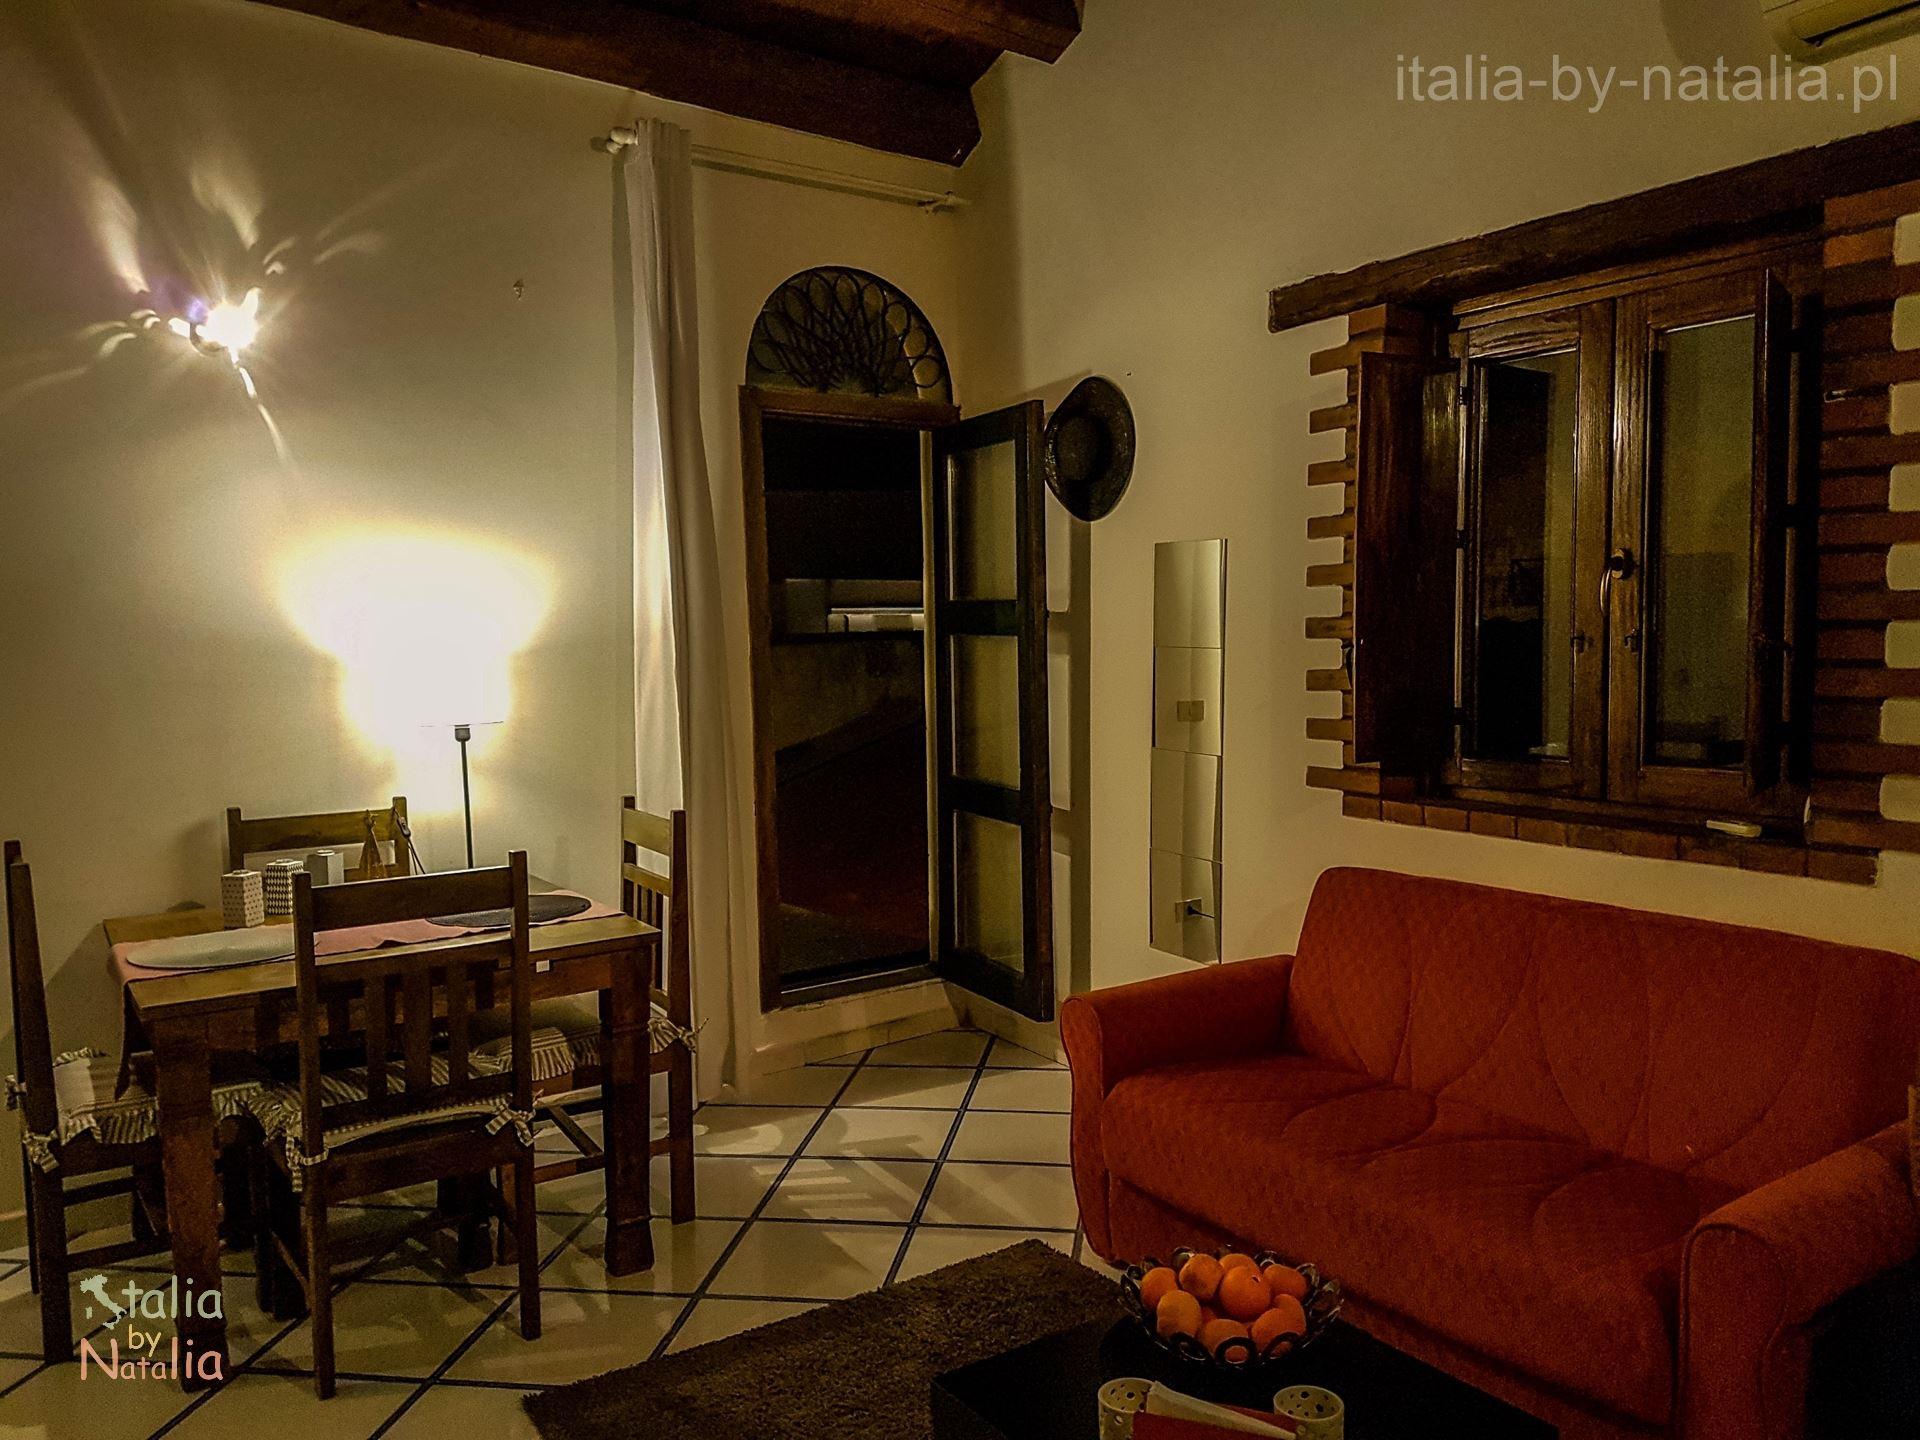 Palermo nocleg apartament Sycylia